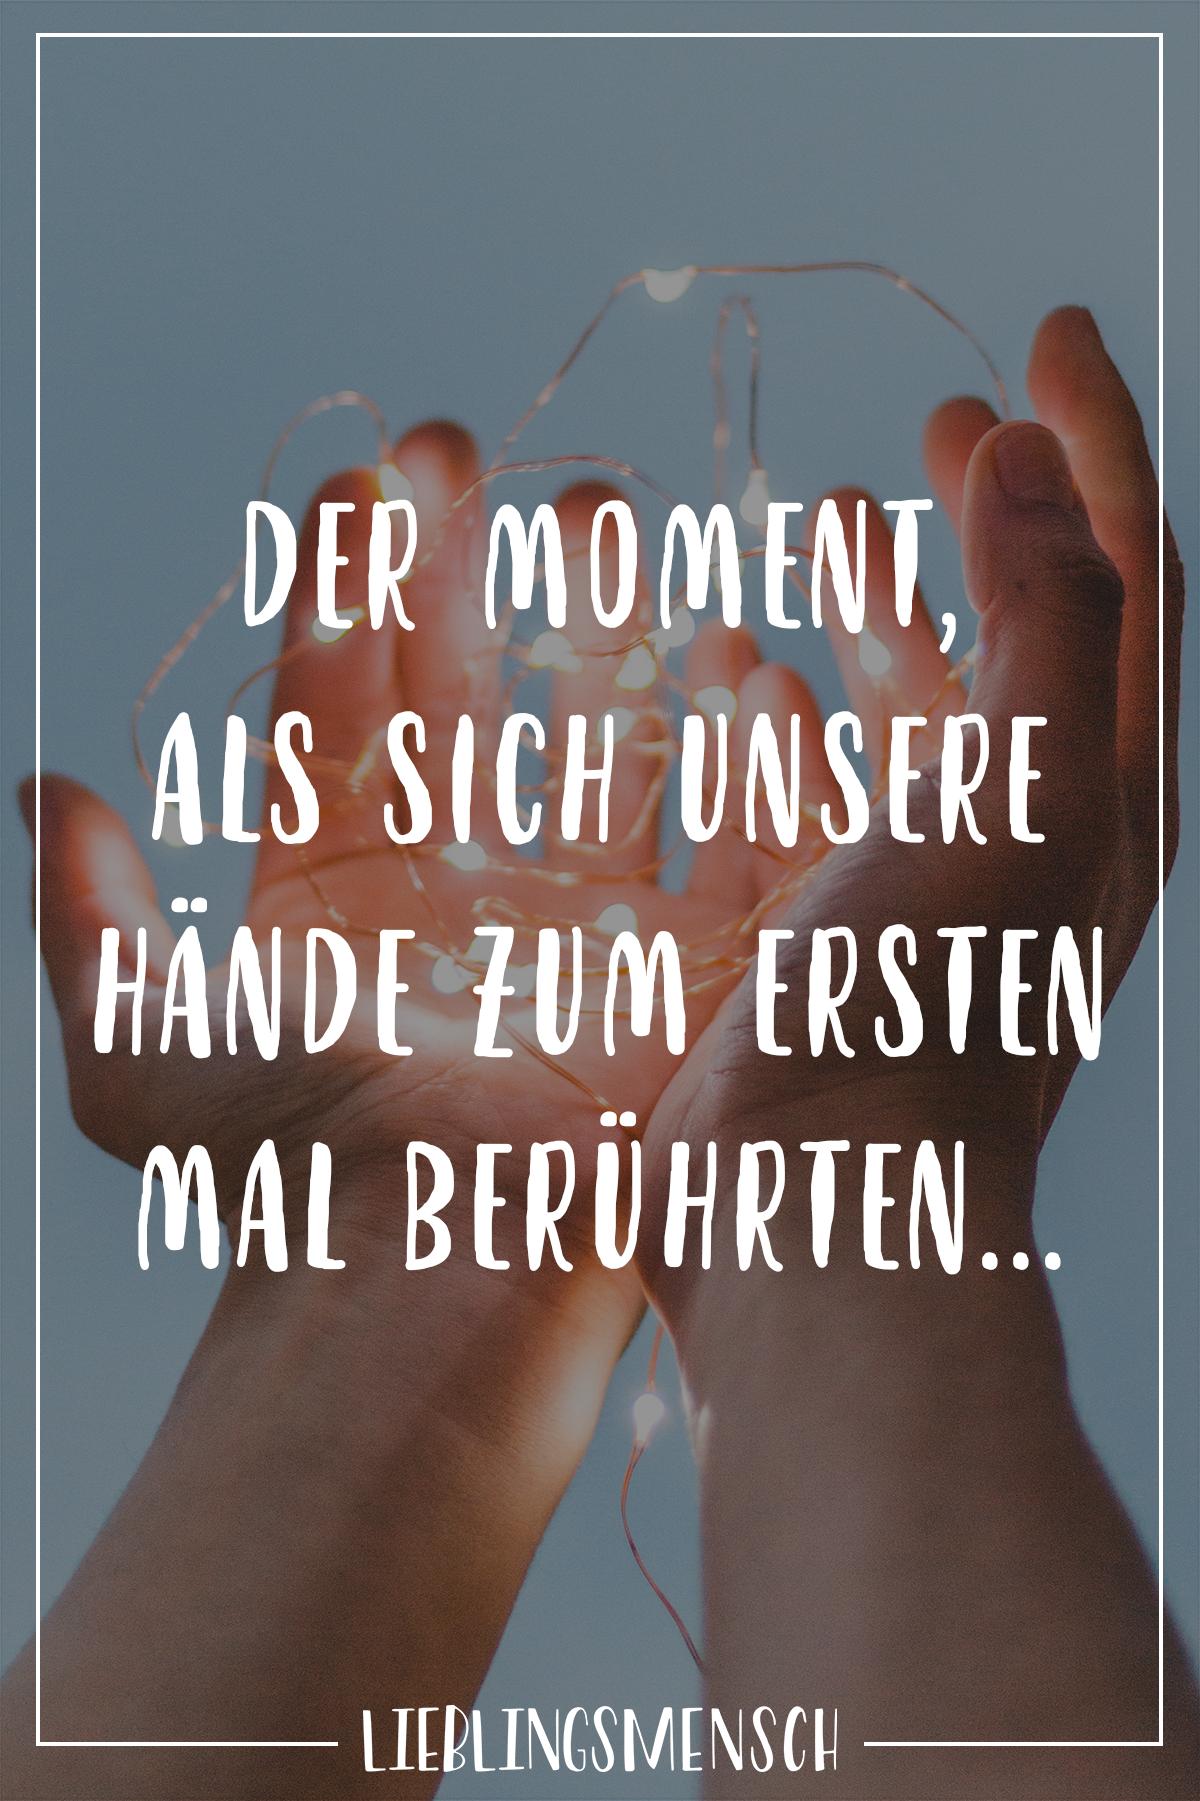 Visual Statements®️ Der Moment, als sich unsere Hände zum ersten mal berühren... Sprüche / Zitate / Quotes / Lieblingsmensch / Freundschaft / Beziehung / Liebe / Familie / tiefgründig / lustig / schön / nachdenken #VisualStatements #Sprüche #Spruch #Lieblingsmensch #Familie #Freunde #Gefühle #teile